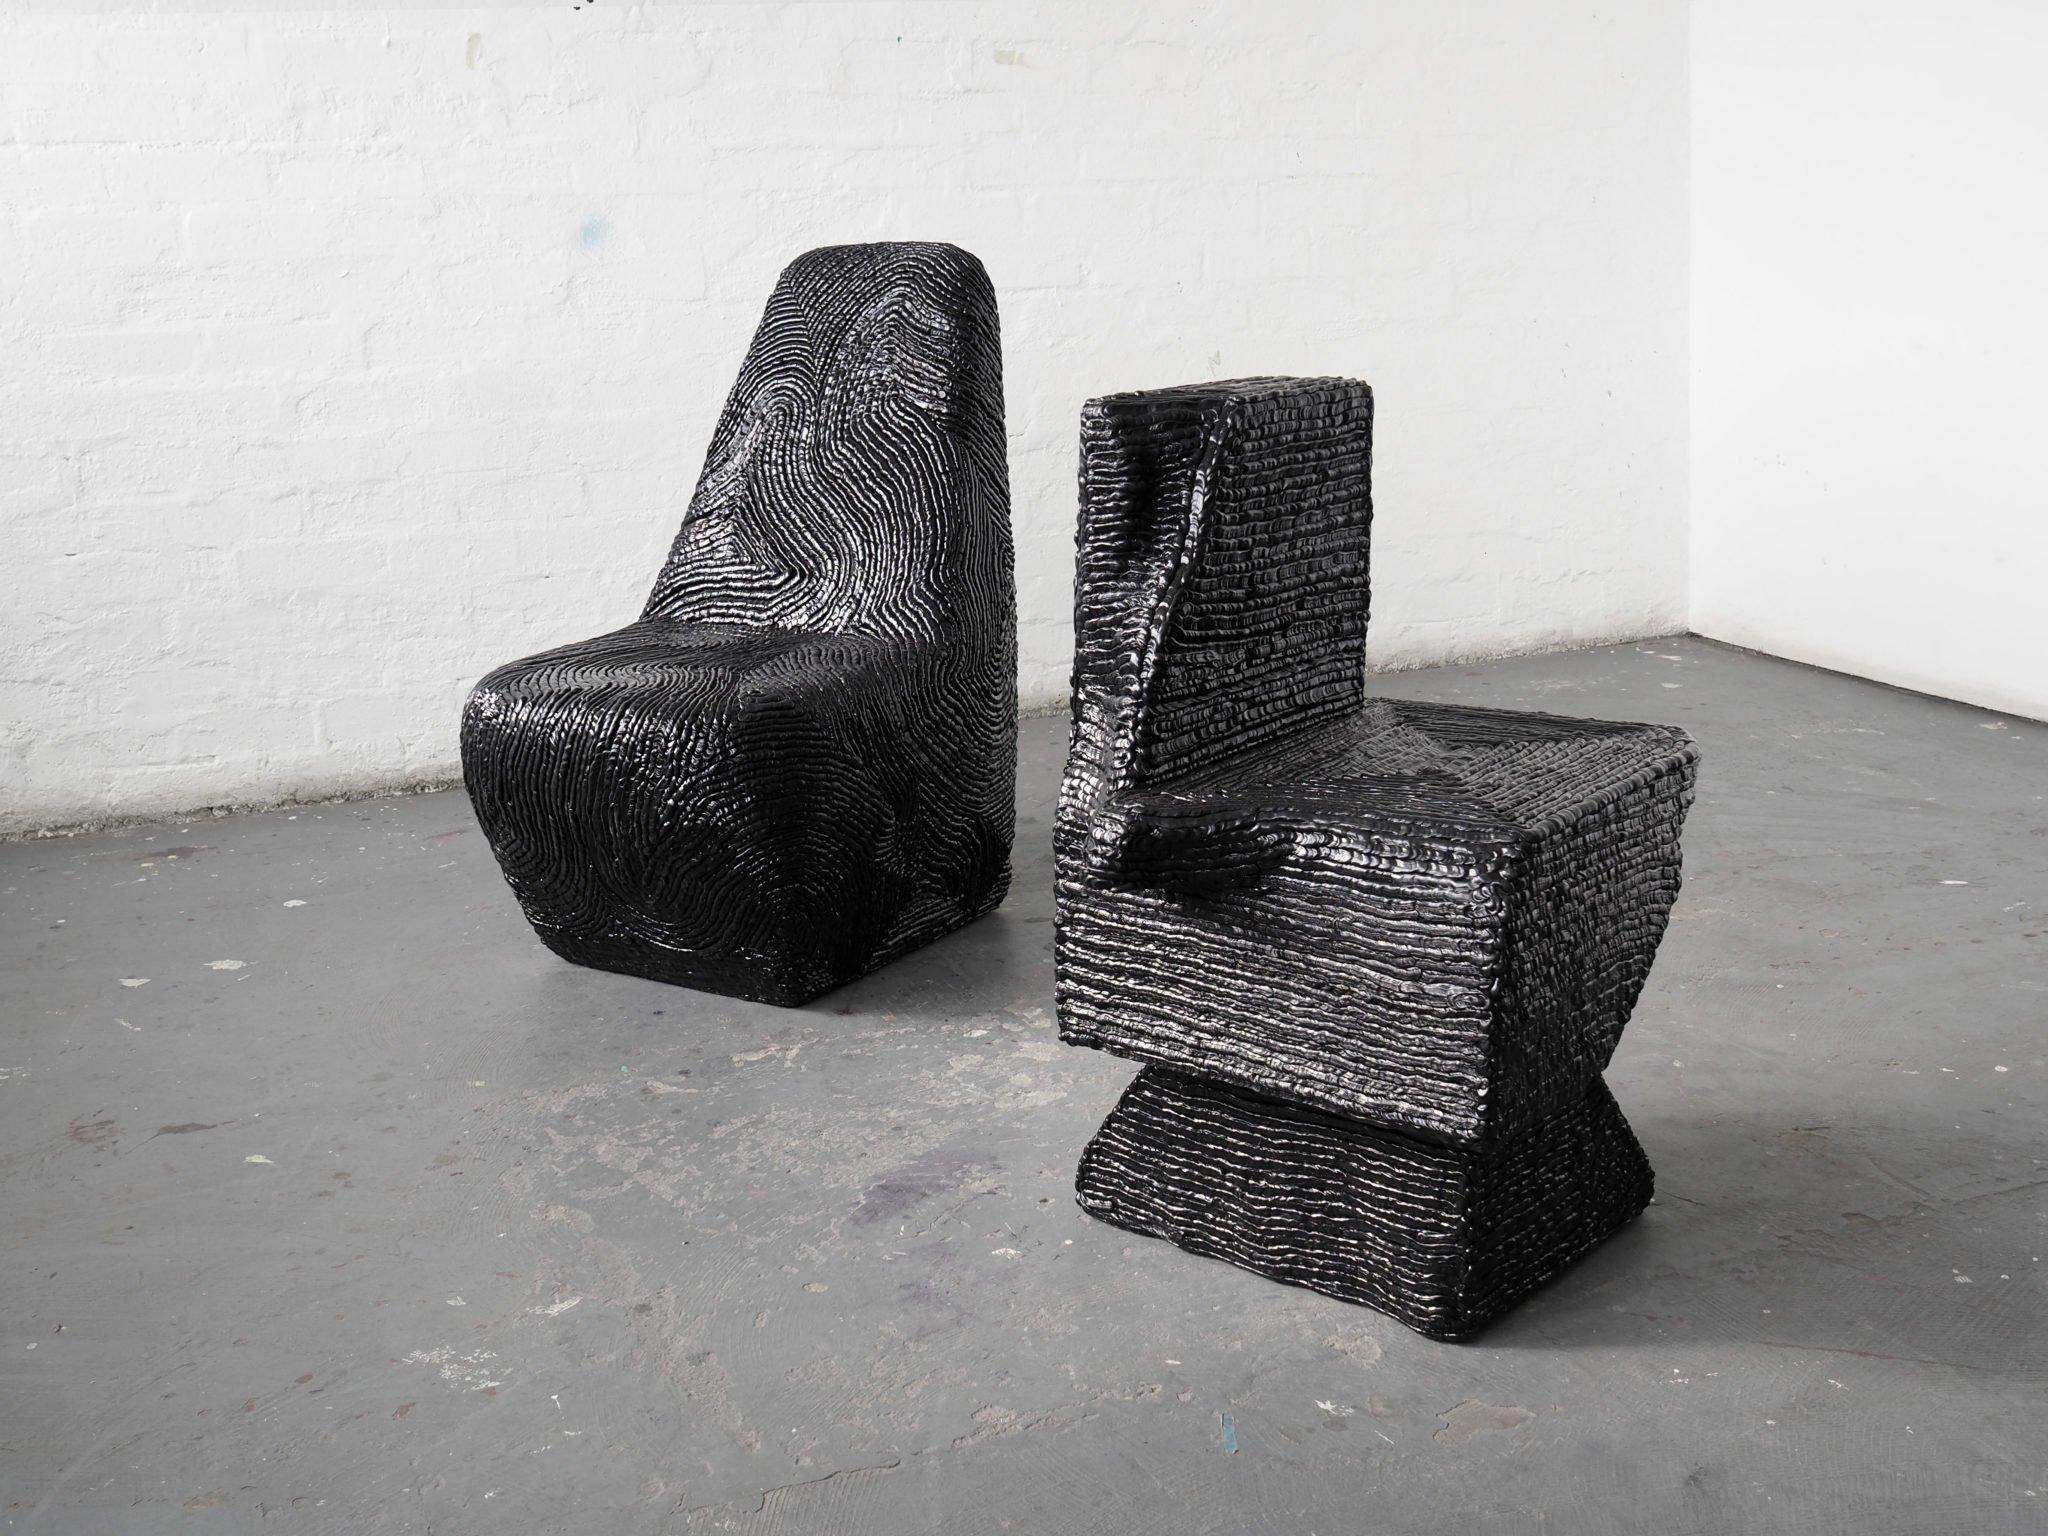 Mobilier design sculptural designer Mobilier design sculptural designer sud-africain Matthew Dasneves